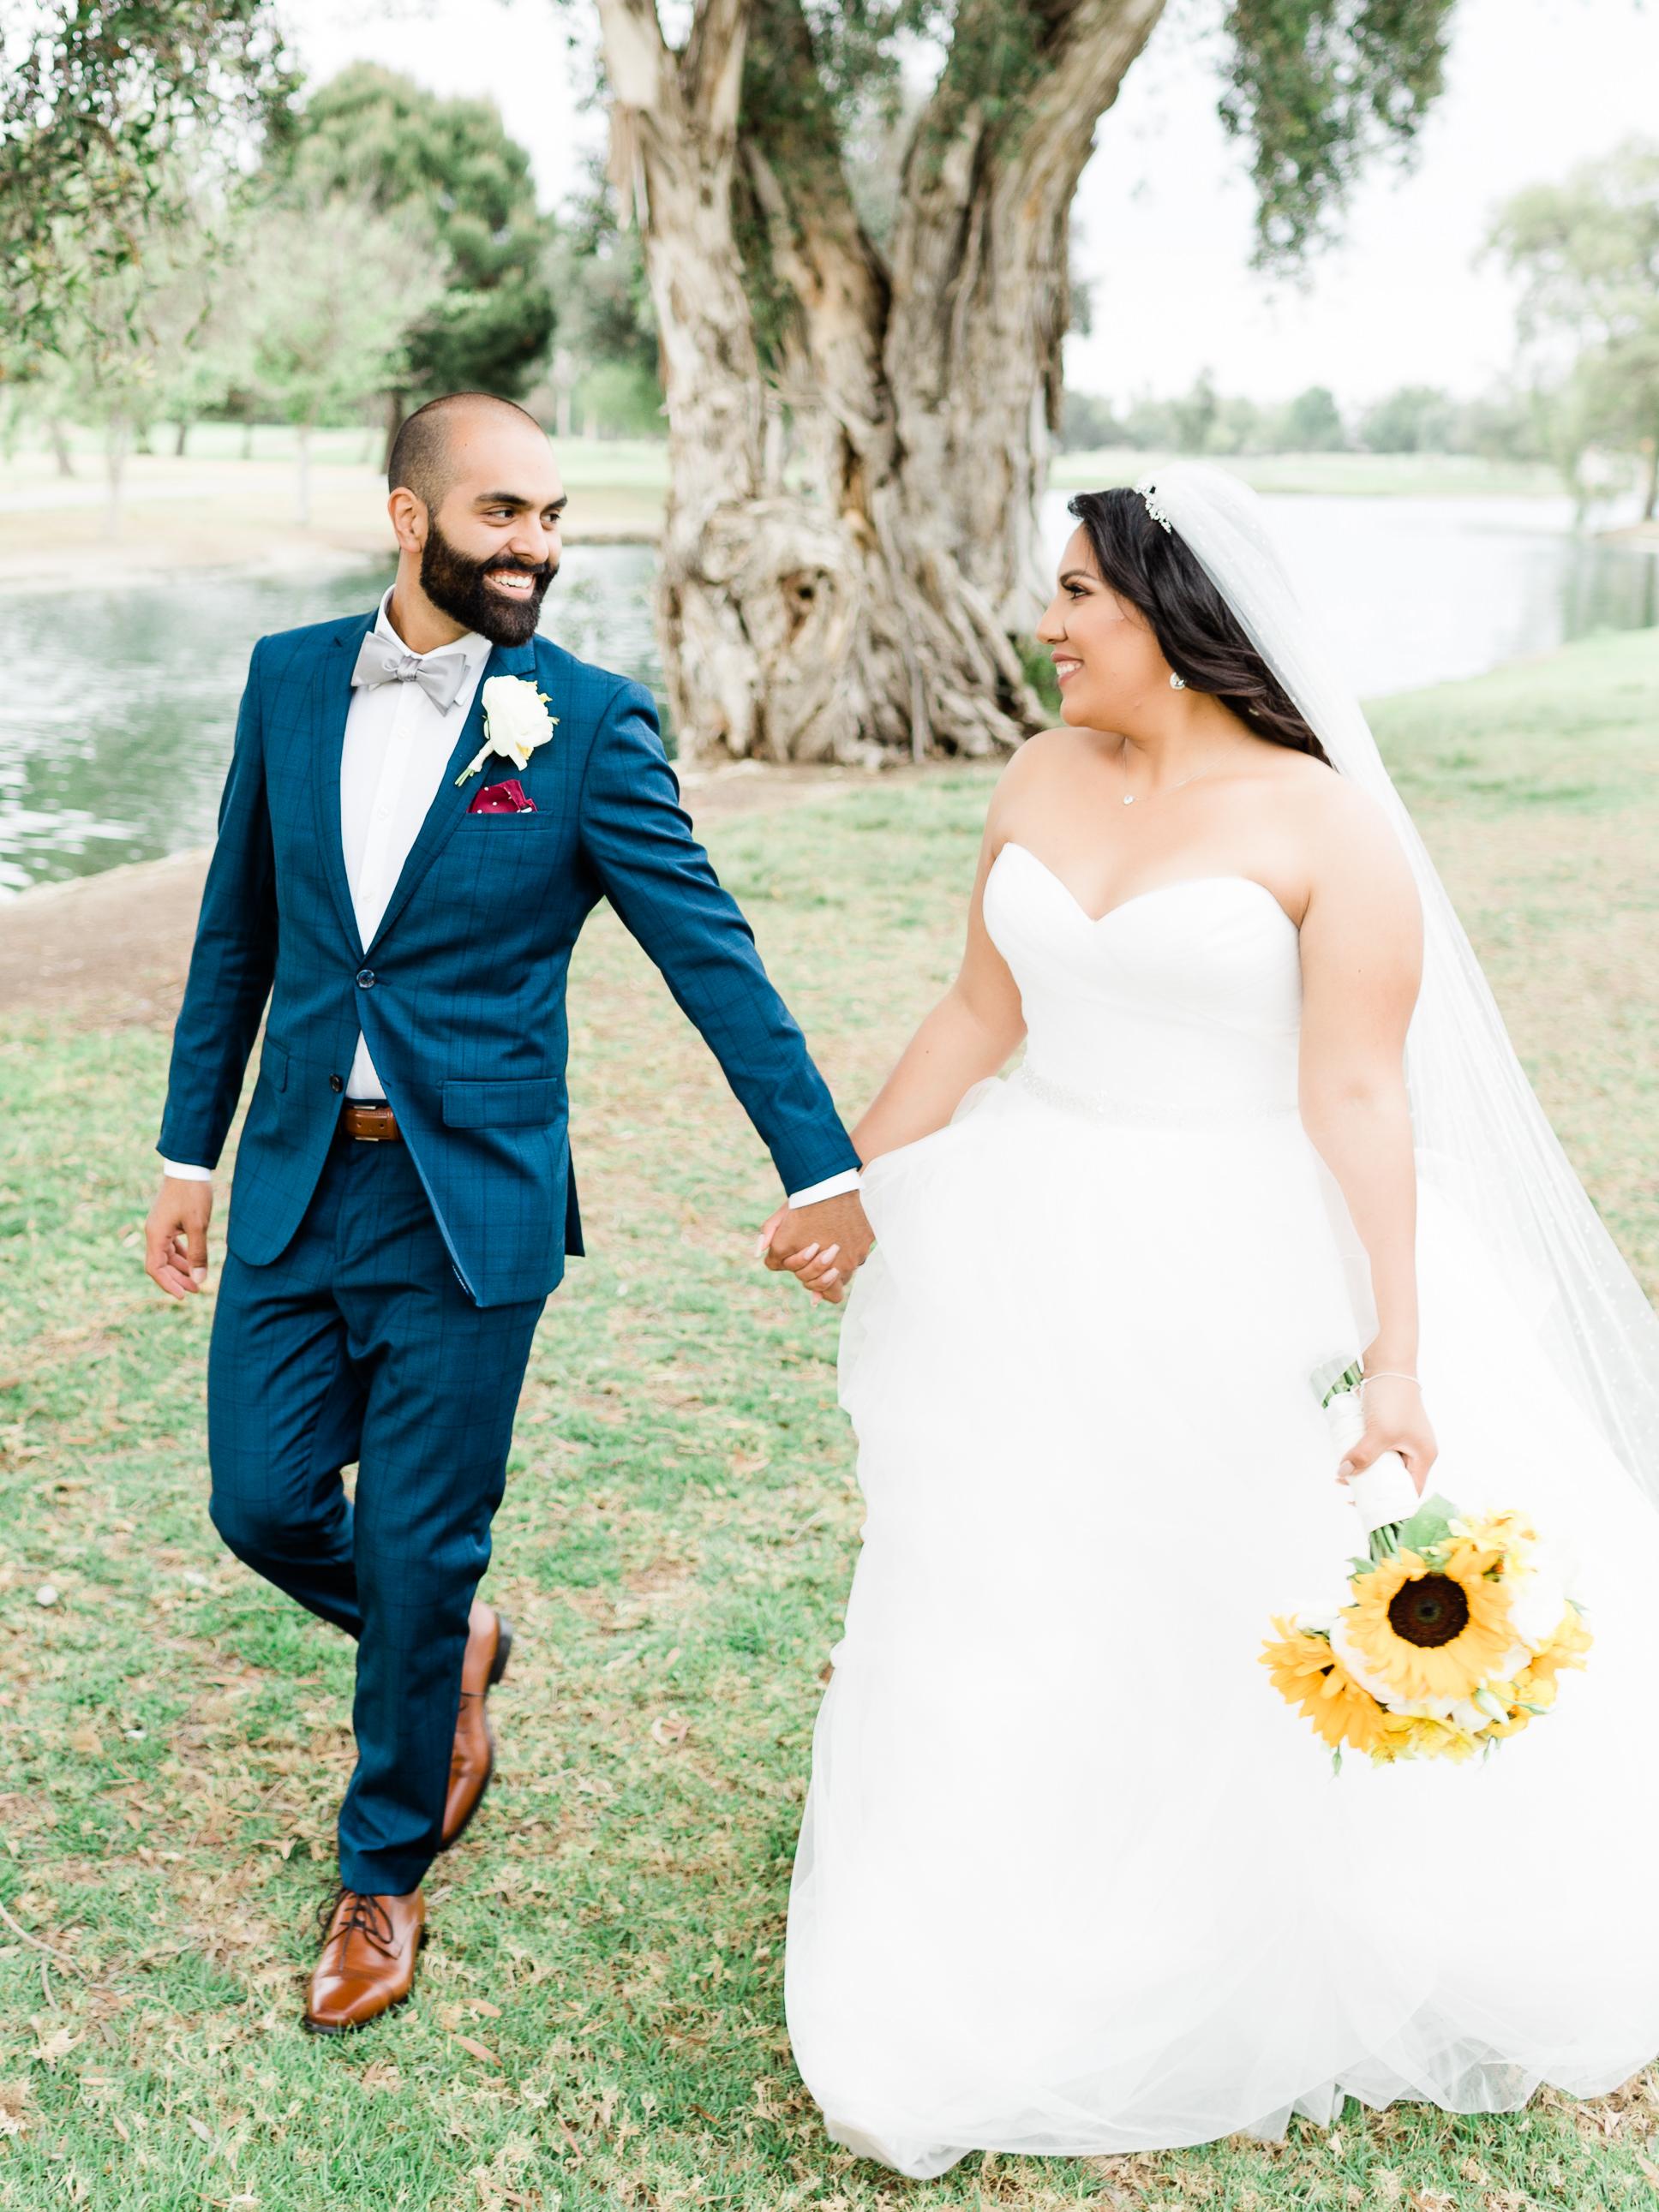 05_20_18_Moctezuma_Wedding_0838-Edit.jpg